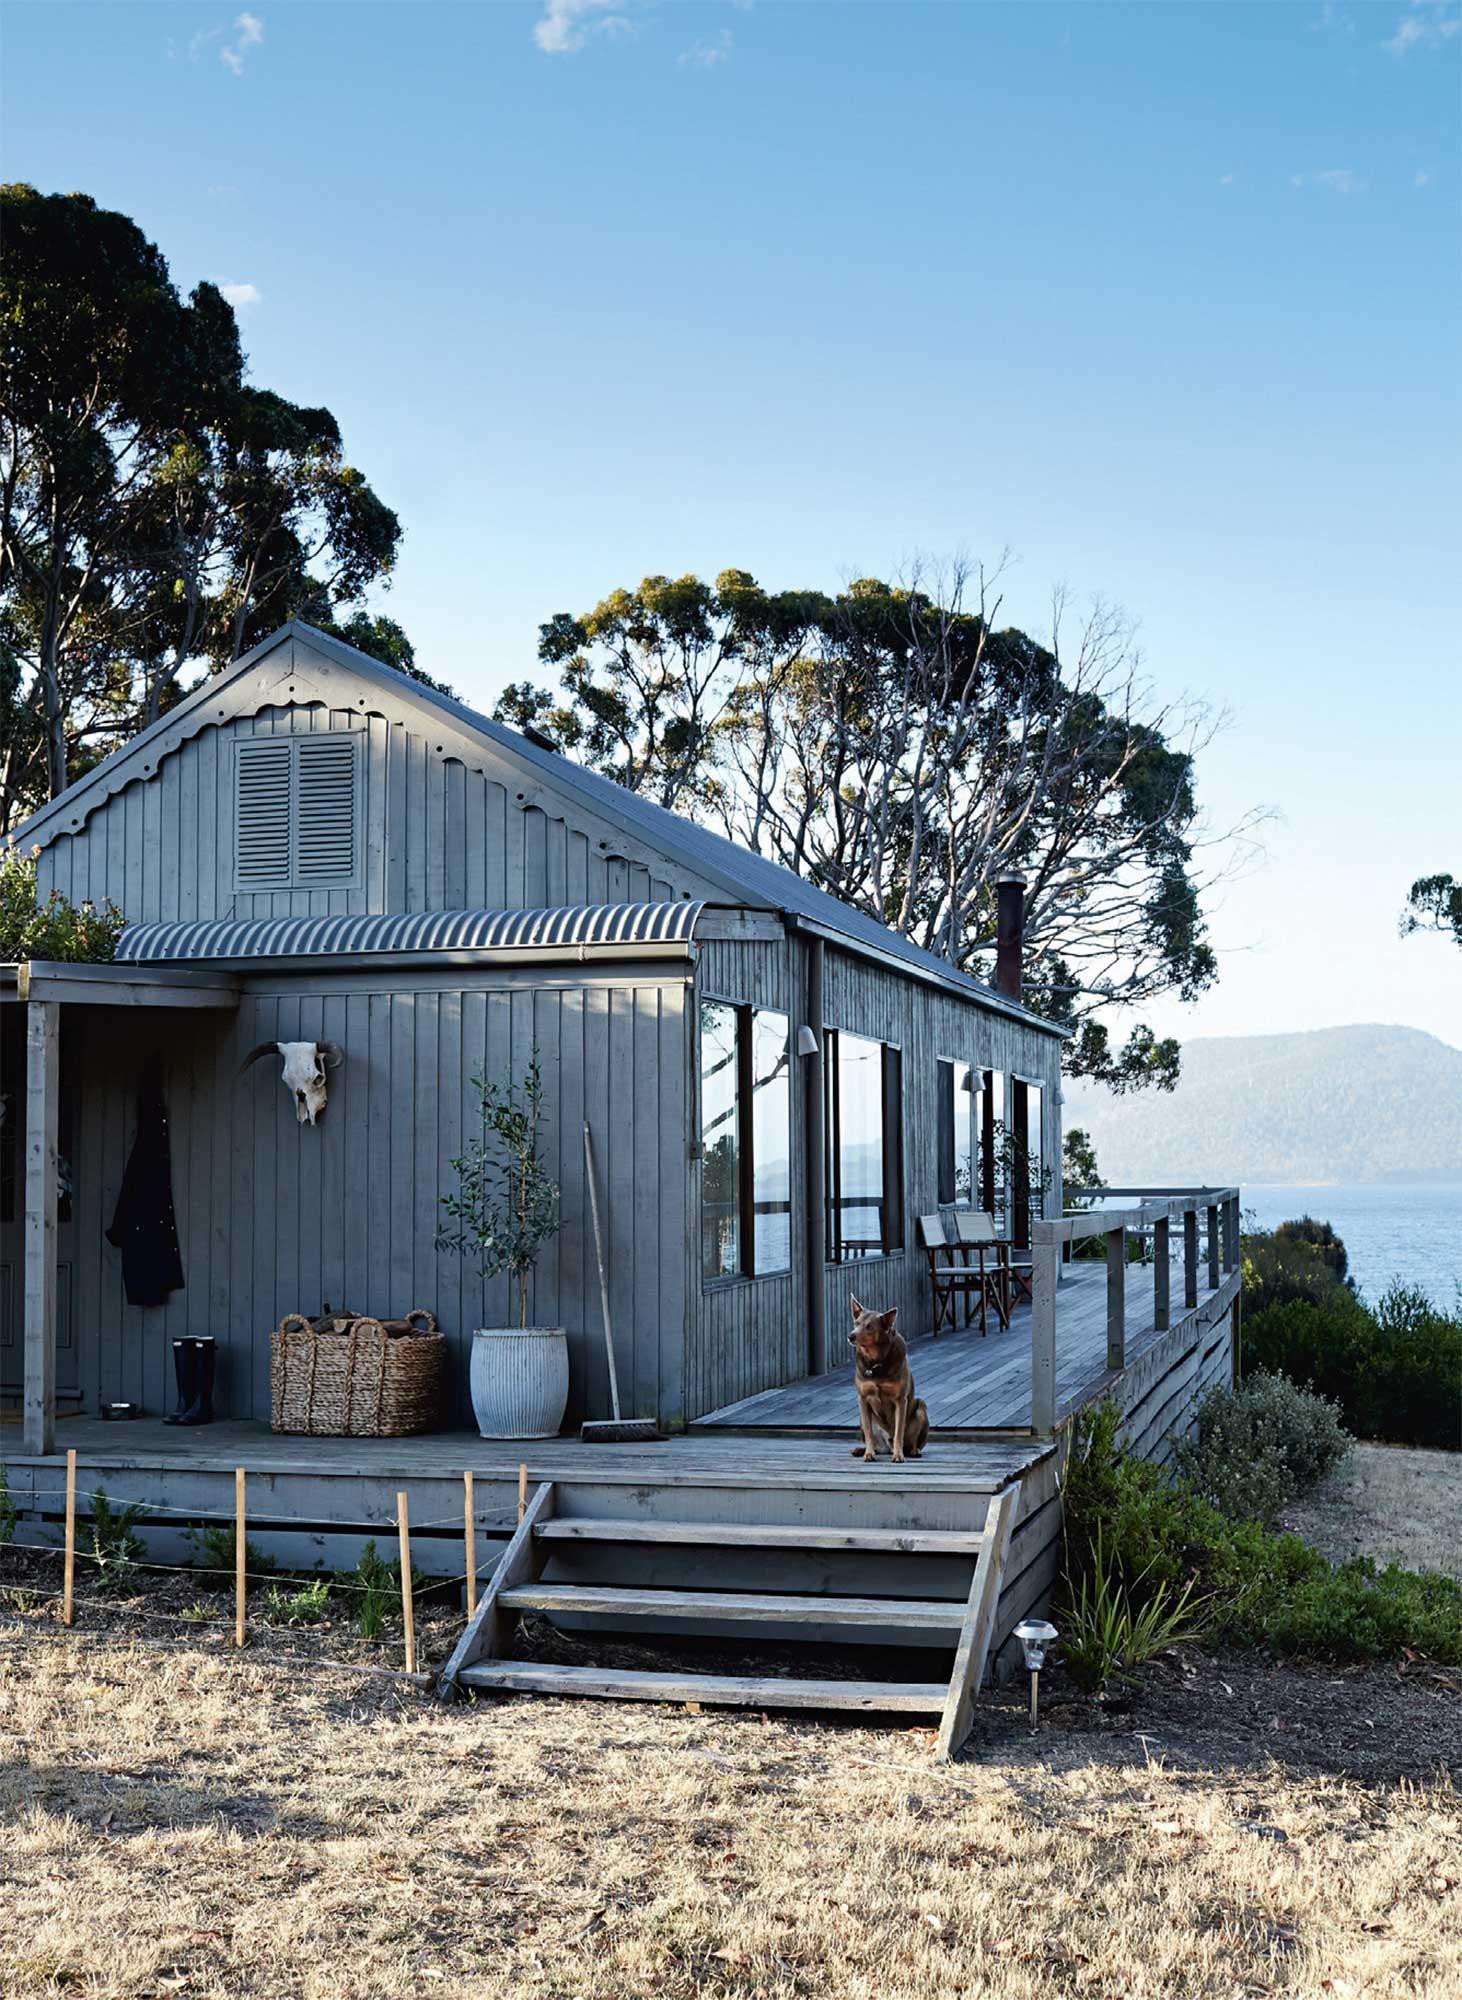 Déco bord de mer maison retraite sur une île privative en tasmanie